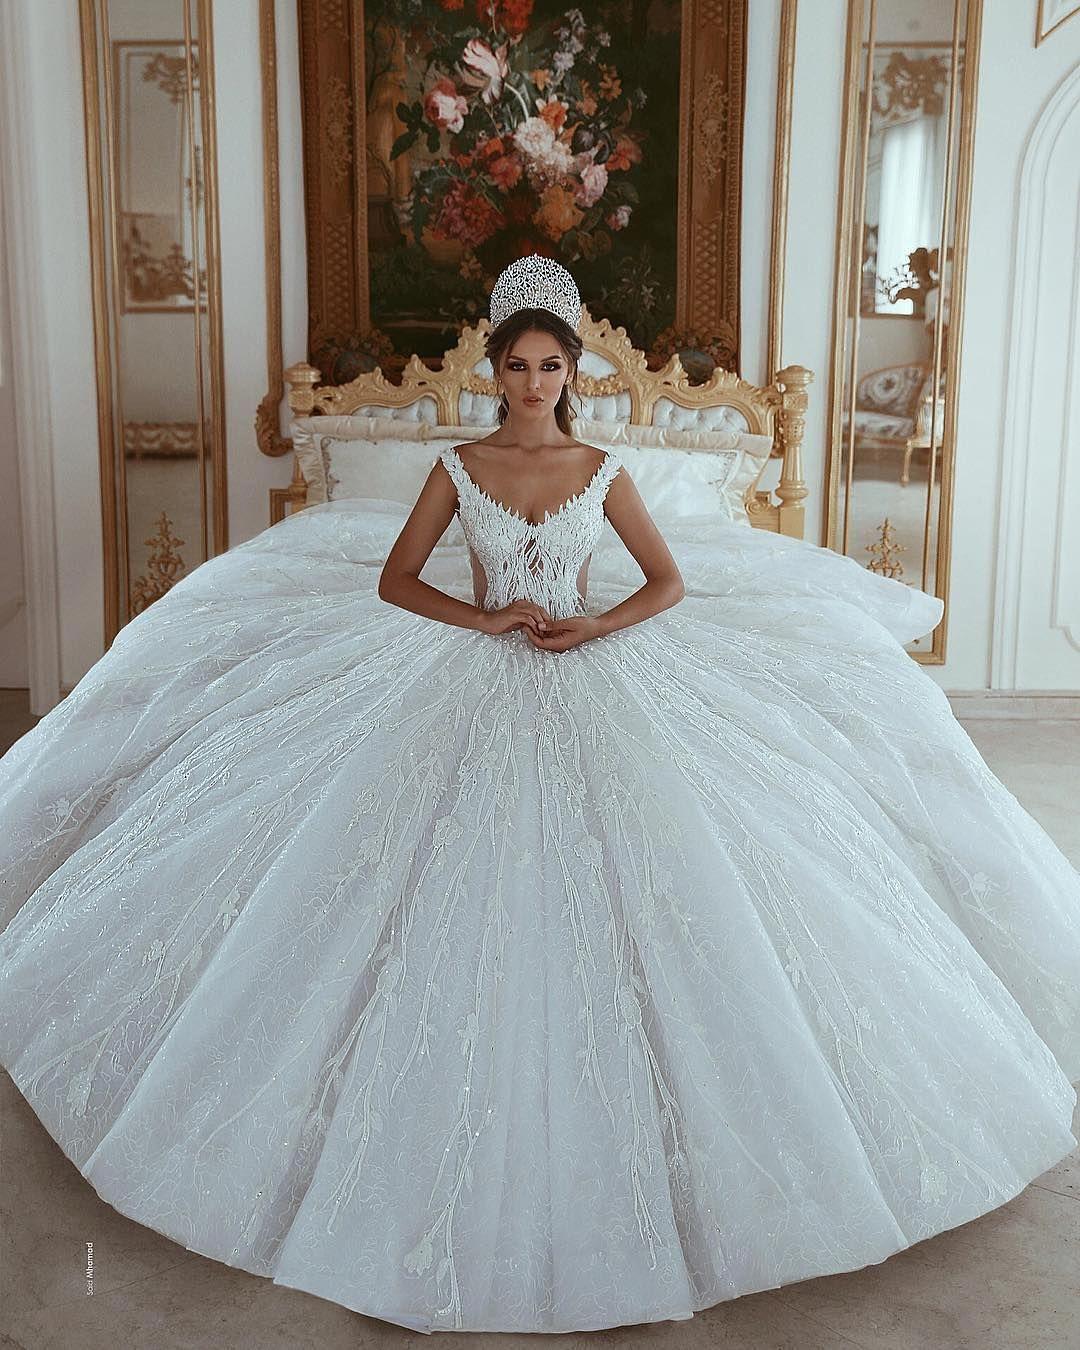 Pin von Eda auf Gelinlik  Kleider hochzeit, Hochzeit kleidung